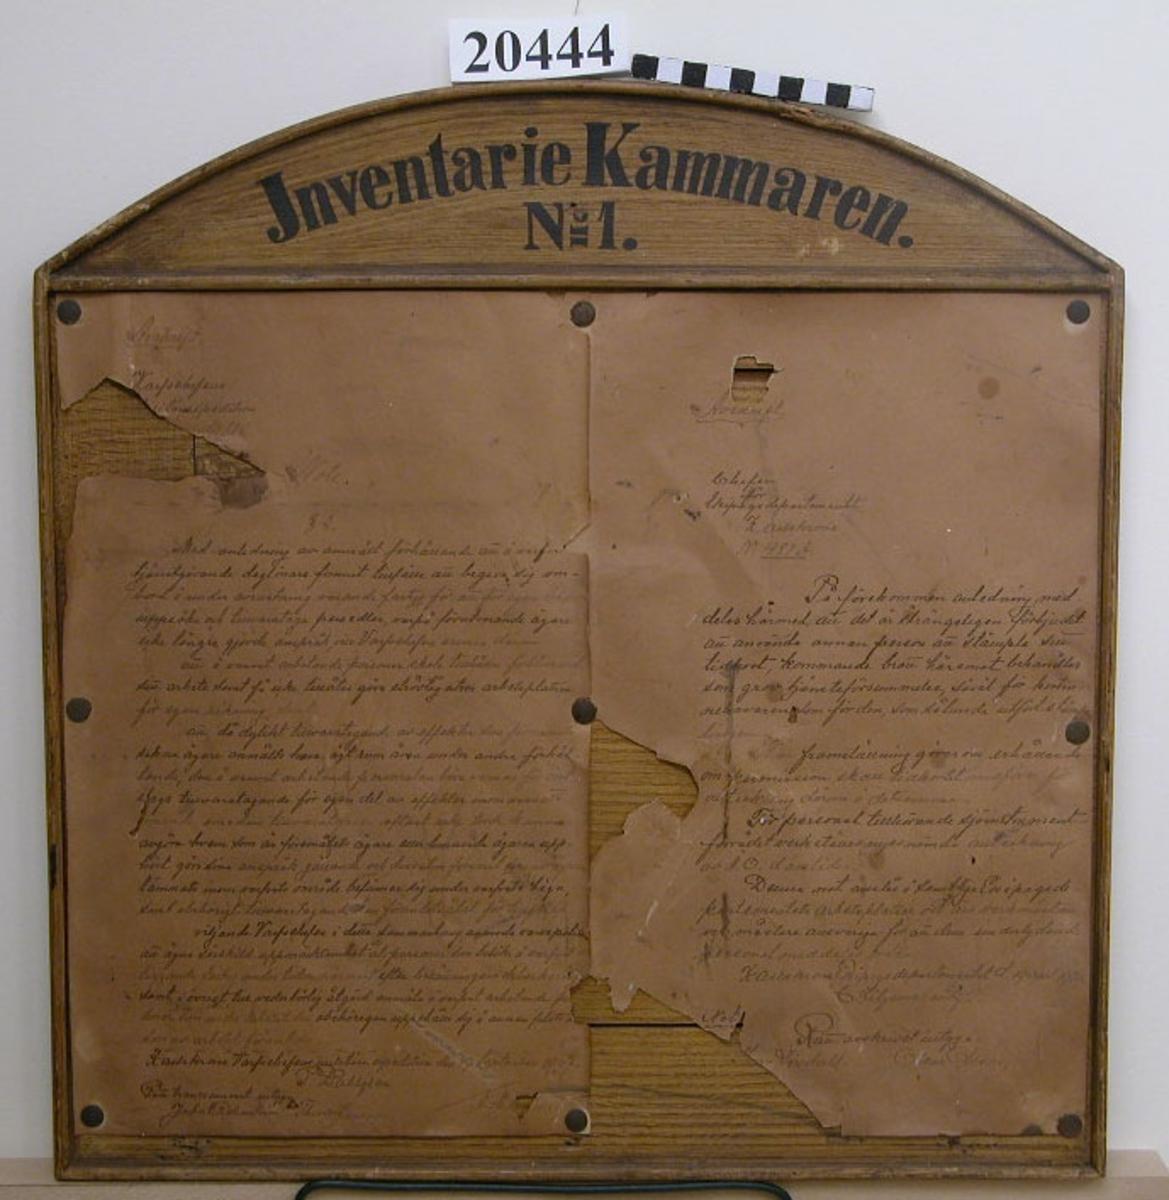 """Tavla av trä, rektangulärt format, ovankanten försedd med bågformat överstycke med text: """"Inventariekammaren No 1."""" Målad ekimitation på fram- och baksida. På framsidan sitter två papper fästade med häftstift, handskriven text; till vänster förbud mot all slags privat omhändertagande av föremål på varvets område, daterad 1907; till höger förbud att låta andra stämpla sitt tidkort, daterad 1920. Avskrifter finns som inventariebilaga."""